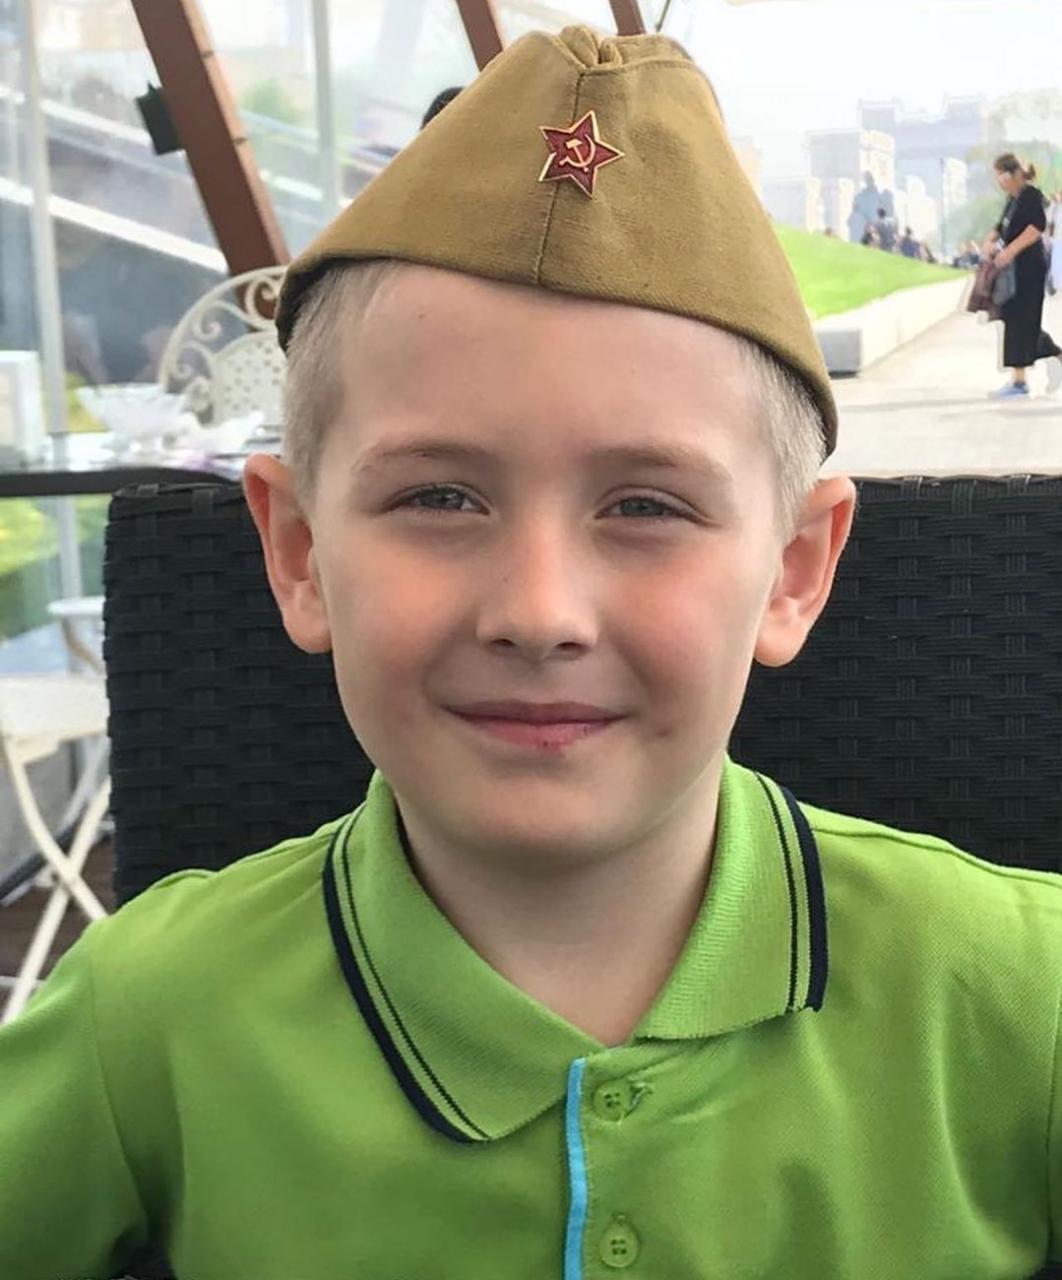 СК Осетии возбудил уголовное дело по факту неосторожного причинения тяжкого вреда здоровью 7- летнего мальчика